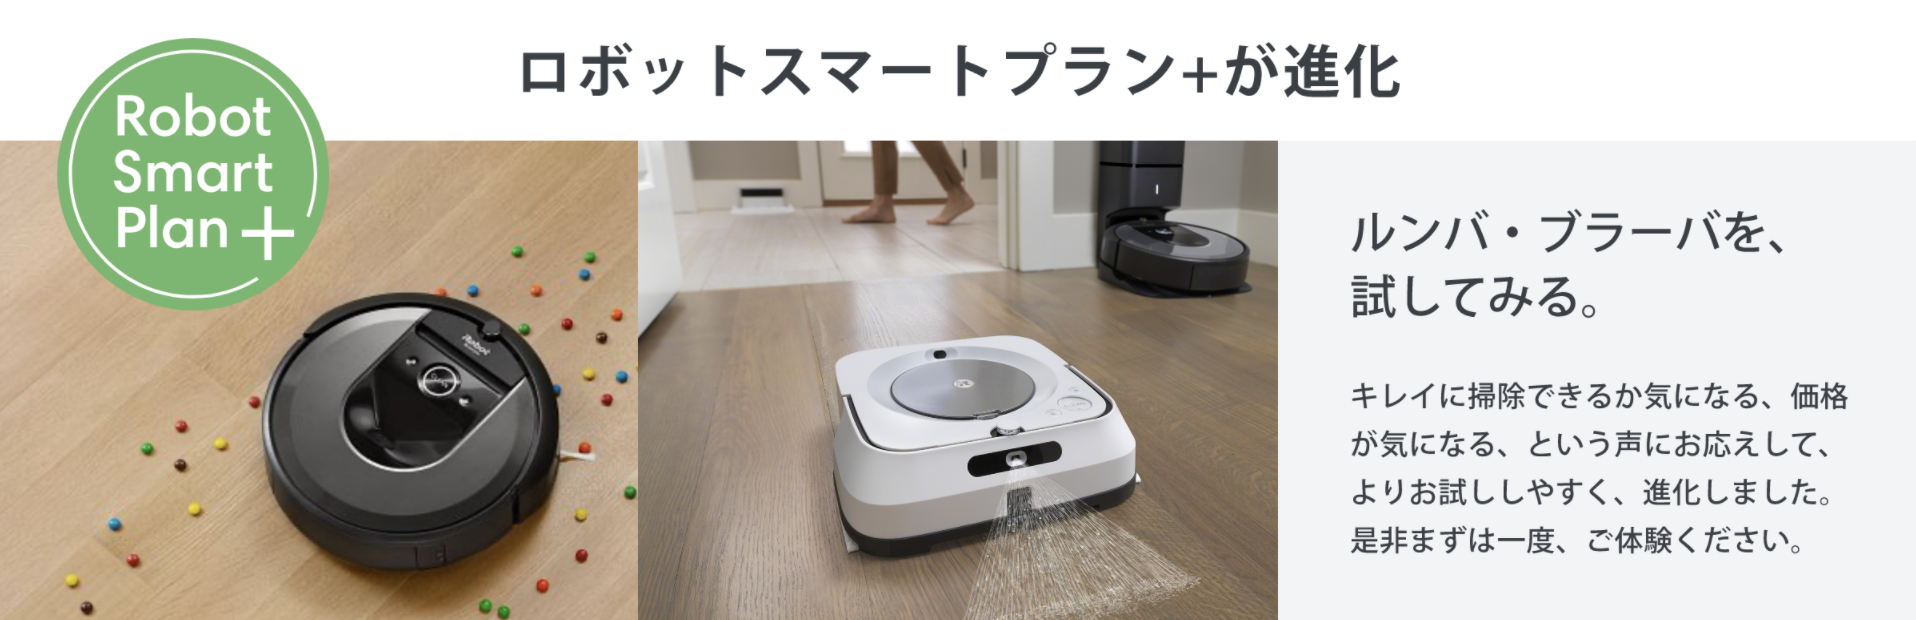 ロボットスマートプラン+